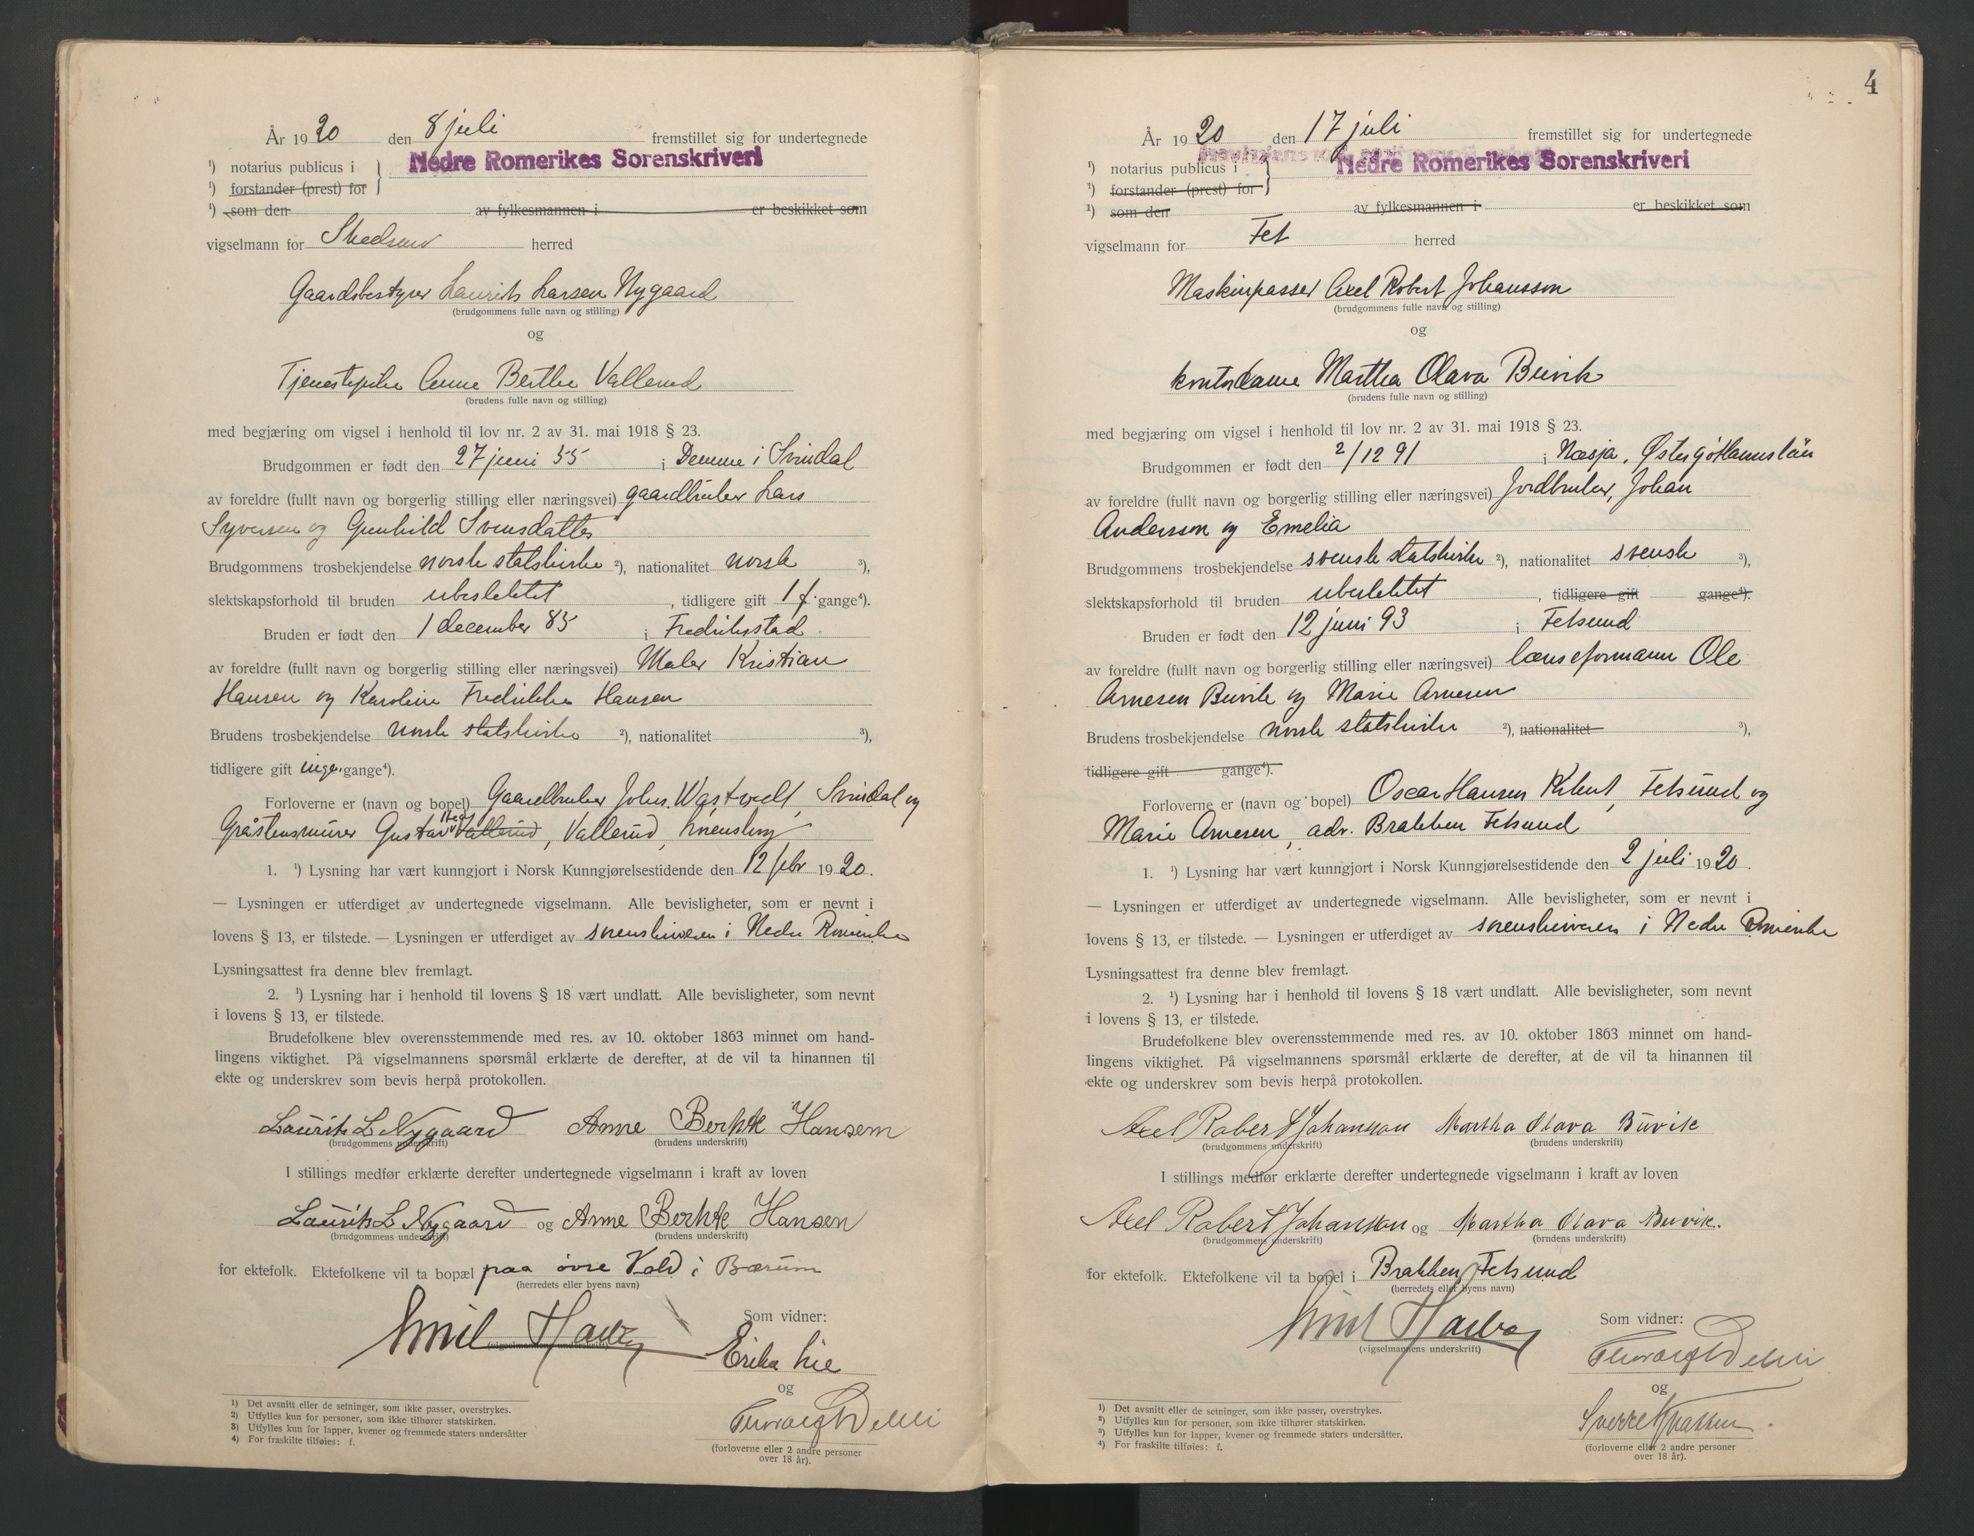 SAO, Nedre Romerike sorenskriveri, L/Lb/L0001: Vigselsbok - borgerlige vielser, 1920-1935, s. 4